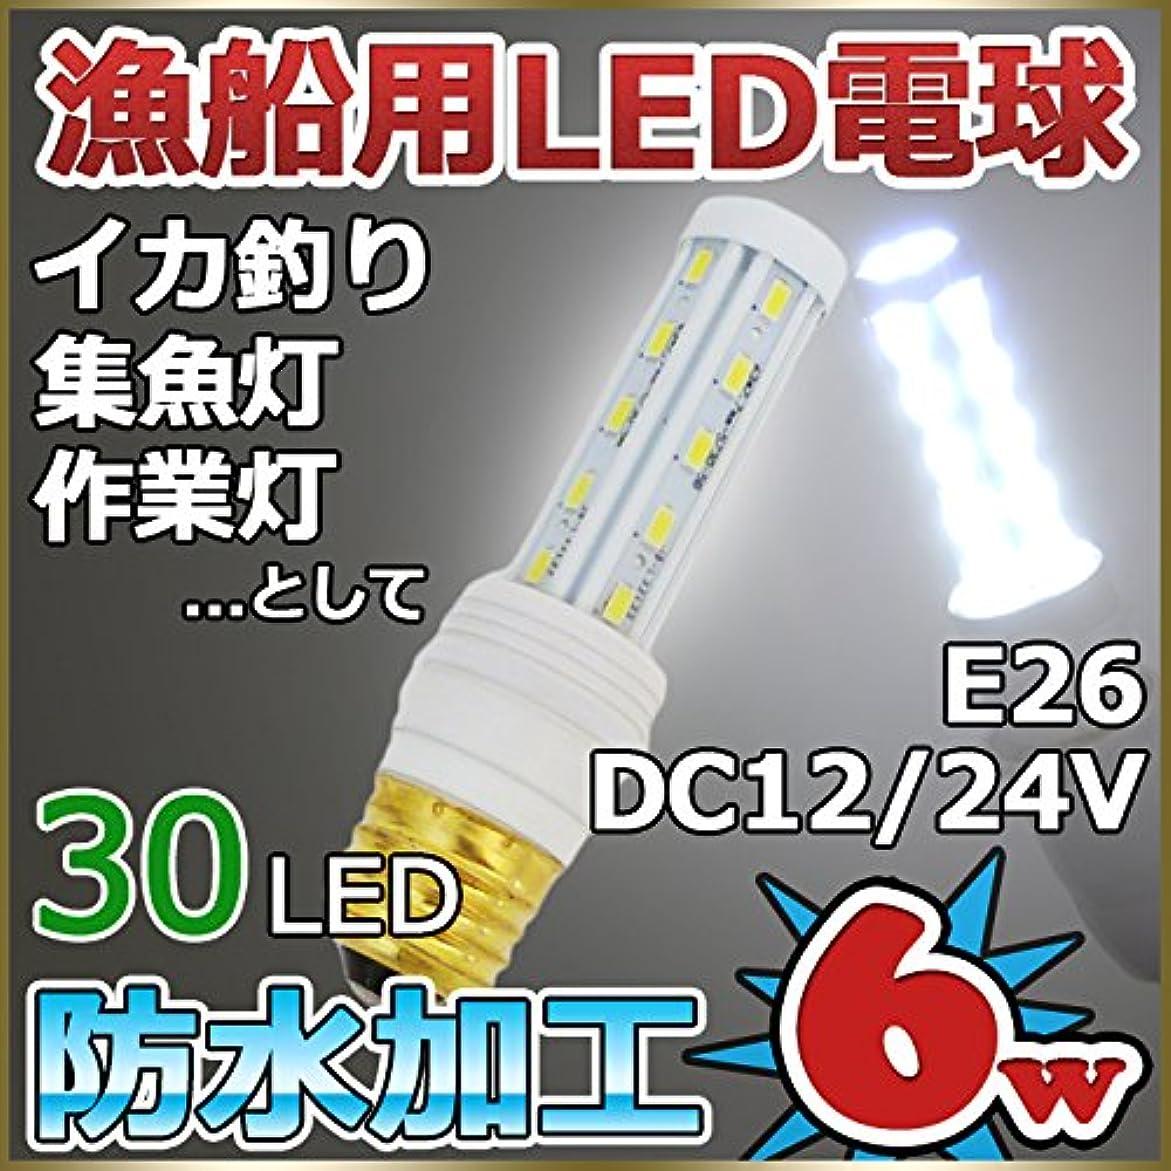 多分ベアリングサークルやけど漁船 船舶用LED電球 12v 24v 6w 6000k 口金E26 イカ釣り 漁船 集魚灯 LED防水電球